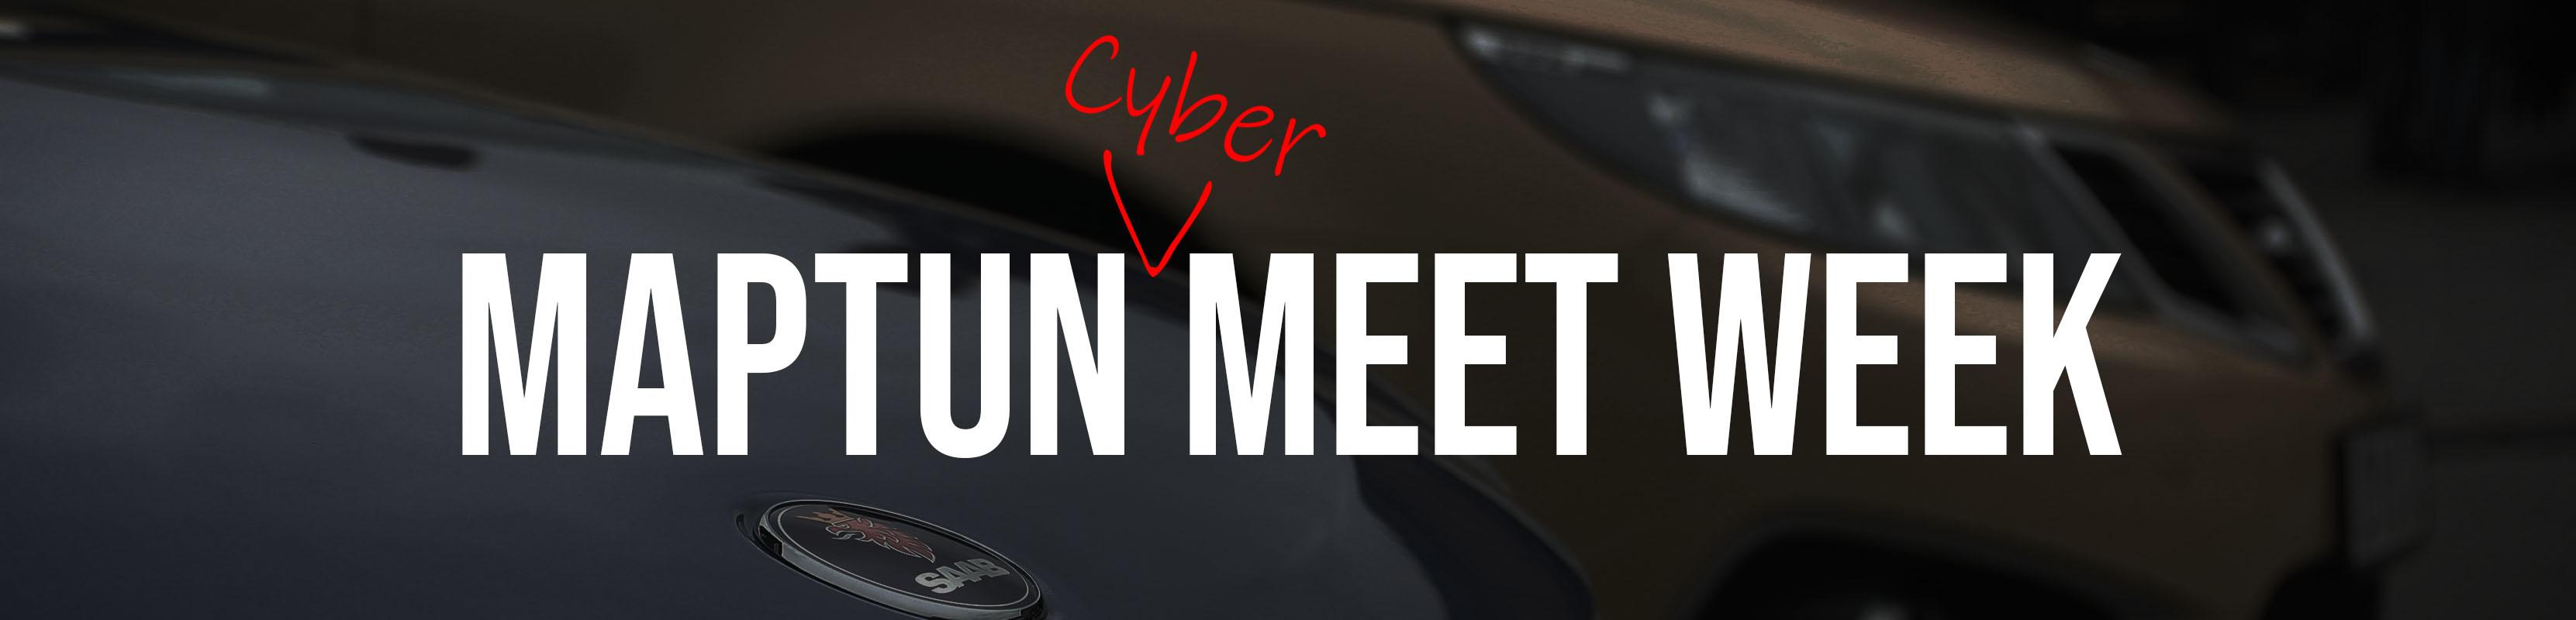 Maptun Cyber Meet Week